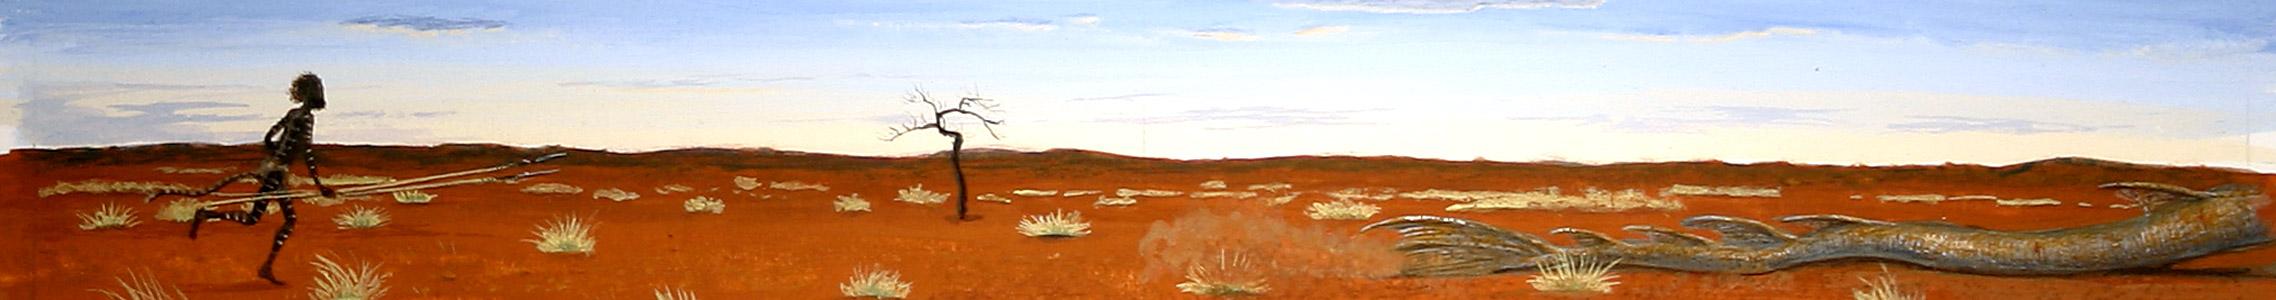 Mirragen Chasing by  Juan Wijingaard - Masterpiece Online